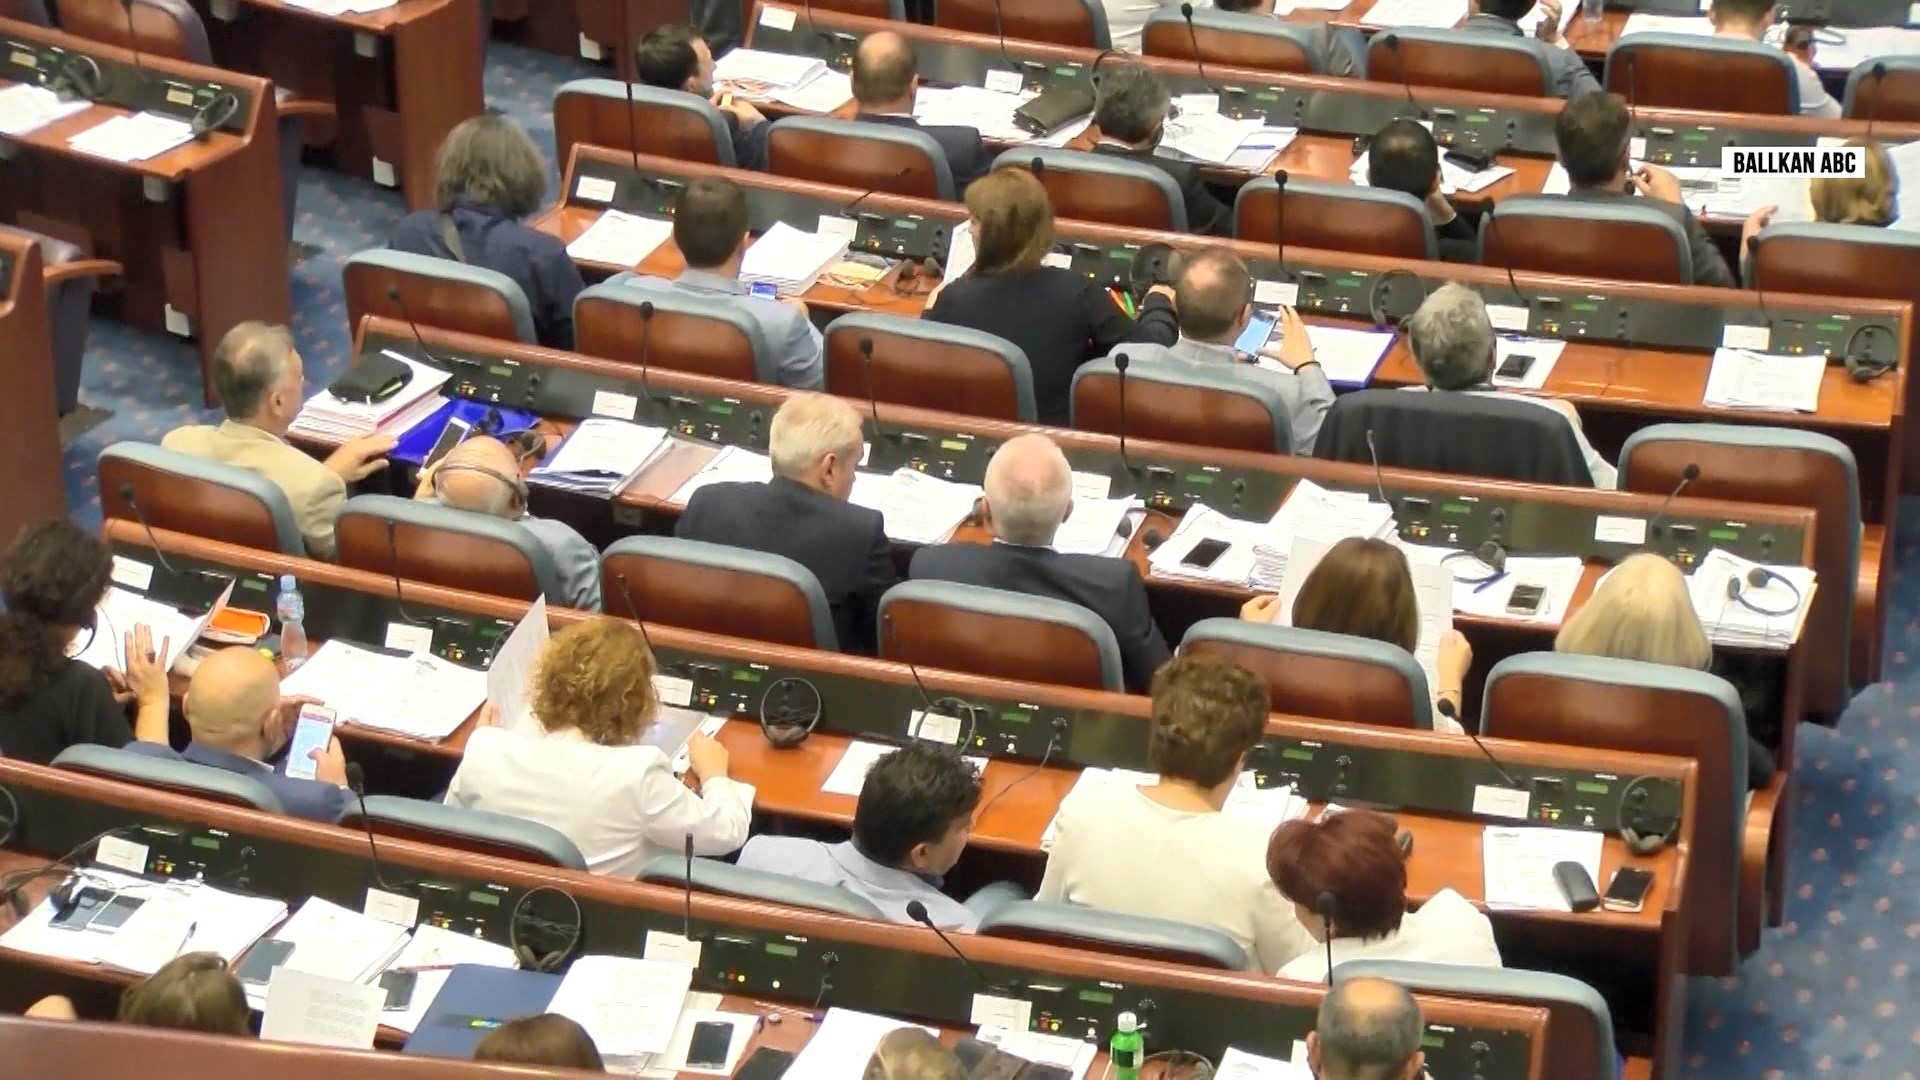 Kushtetuta që i hap rrugë marrëveshjes së Prespës